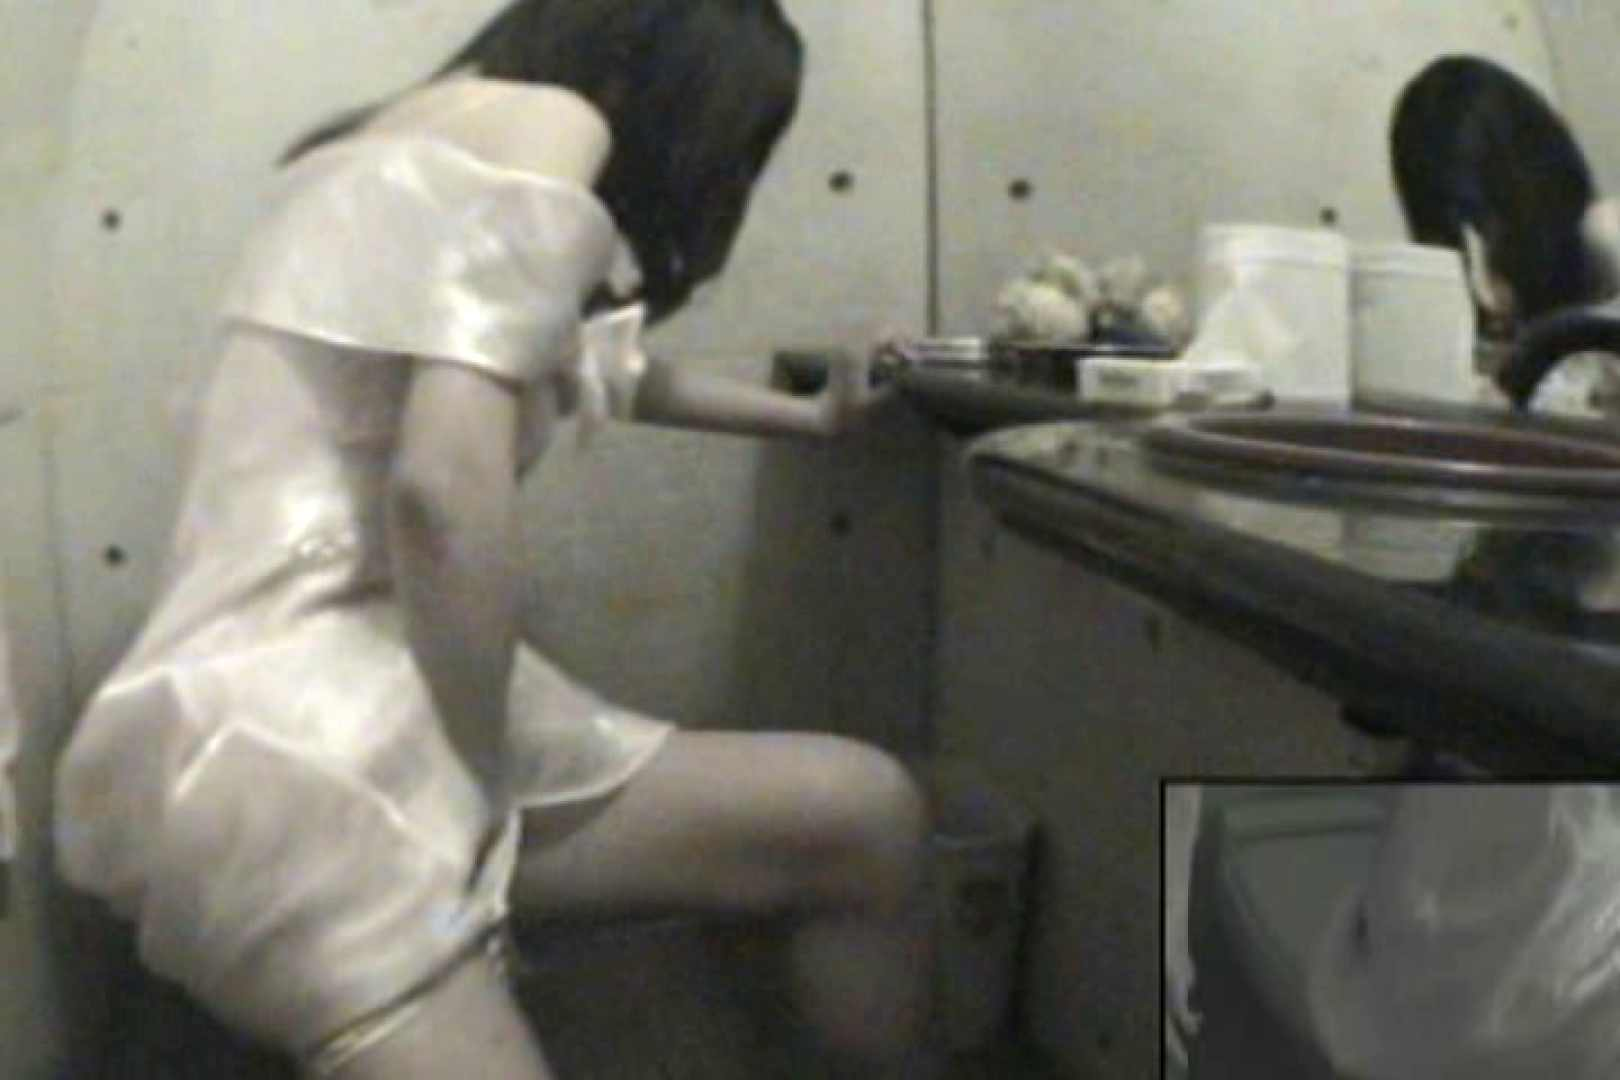 キャバ嬢は仕事の合間でもオナニーします!!Vol.10 キャバ嬢 オメコ無修正動画無料 96連発 20